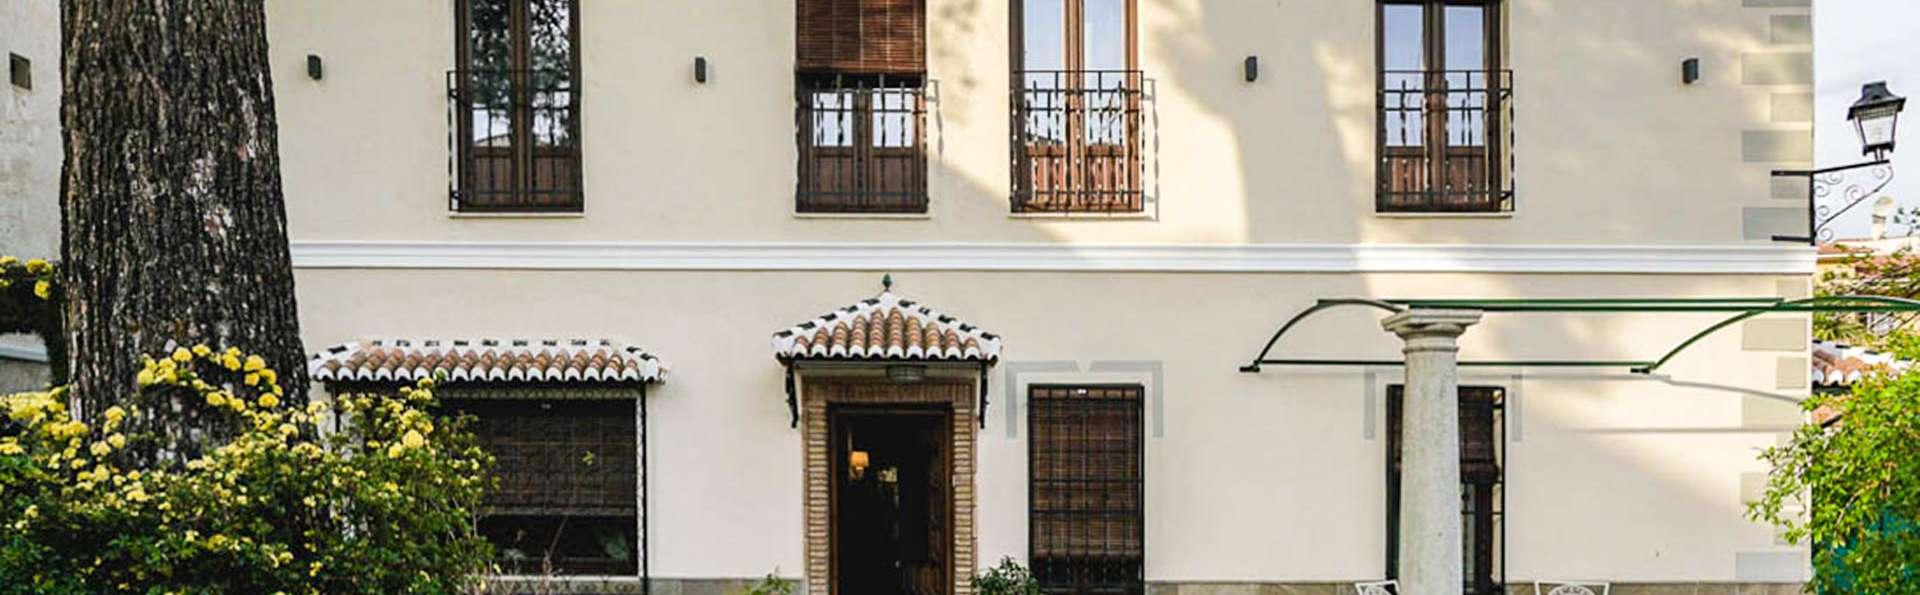 Casa Rural Villa San Juan - EDIT_FRONT_01.jpg